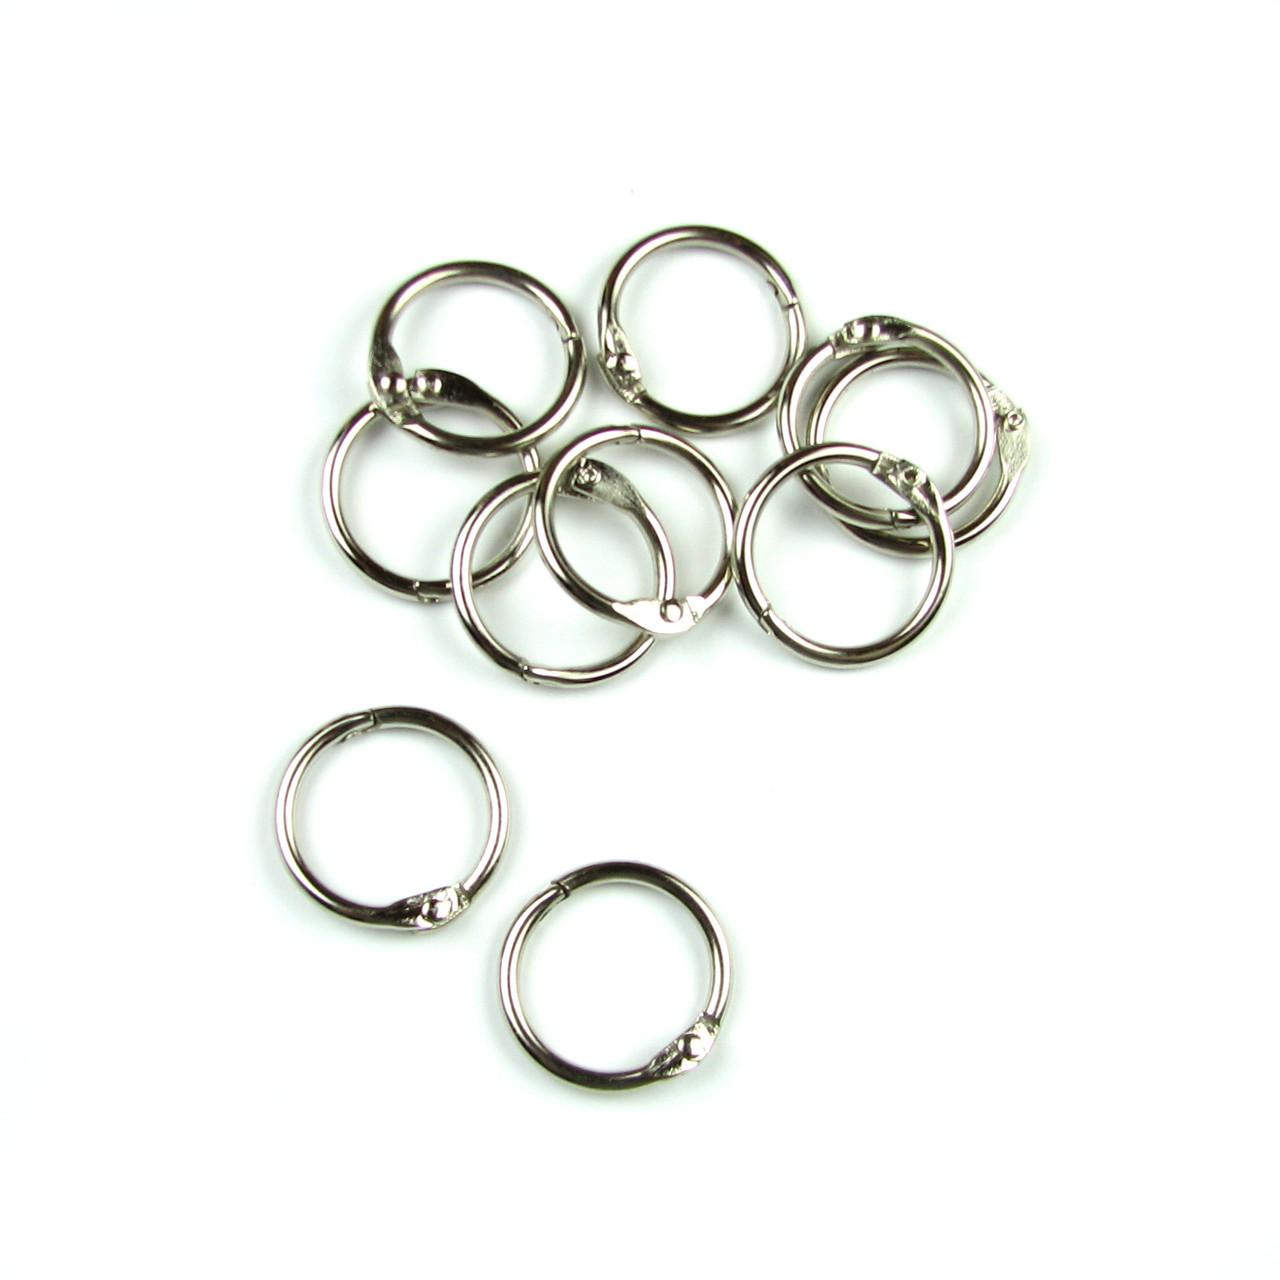 Кольца для альбомов, серебро 25мм 2шт в наборе